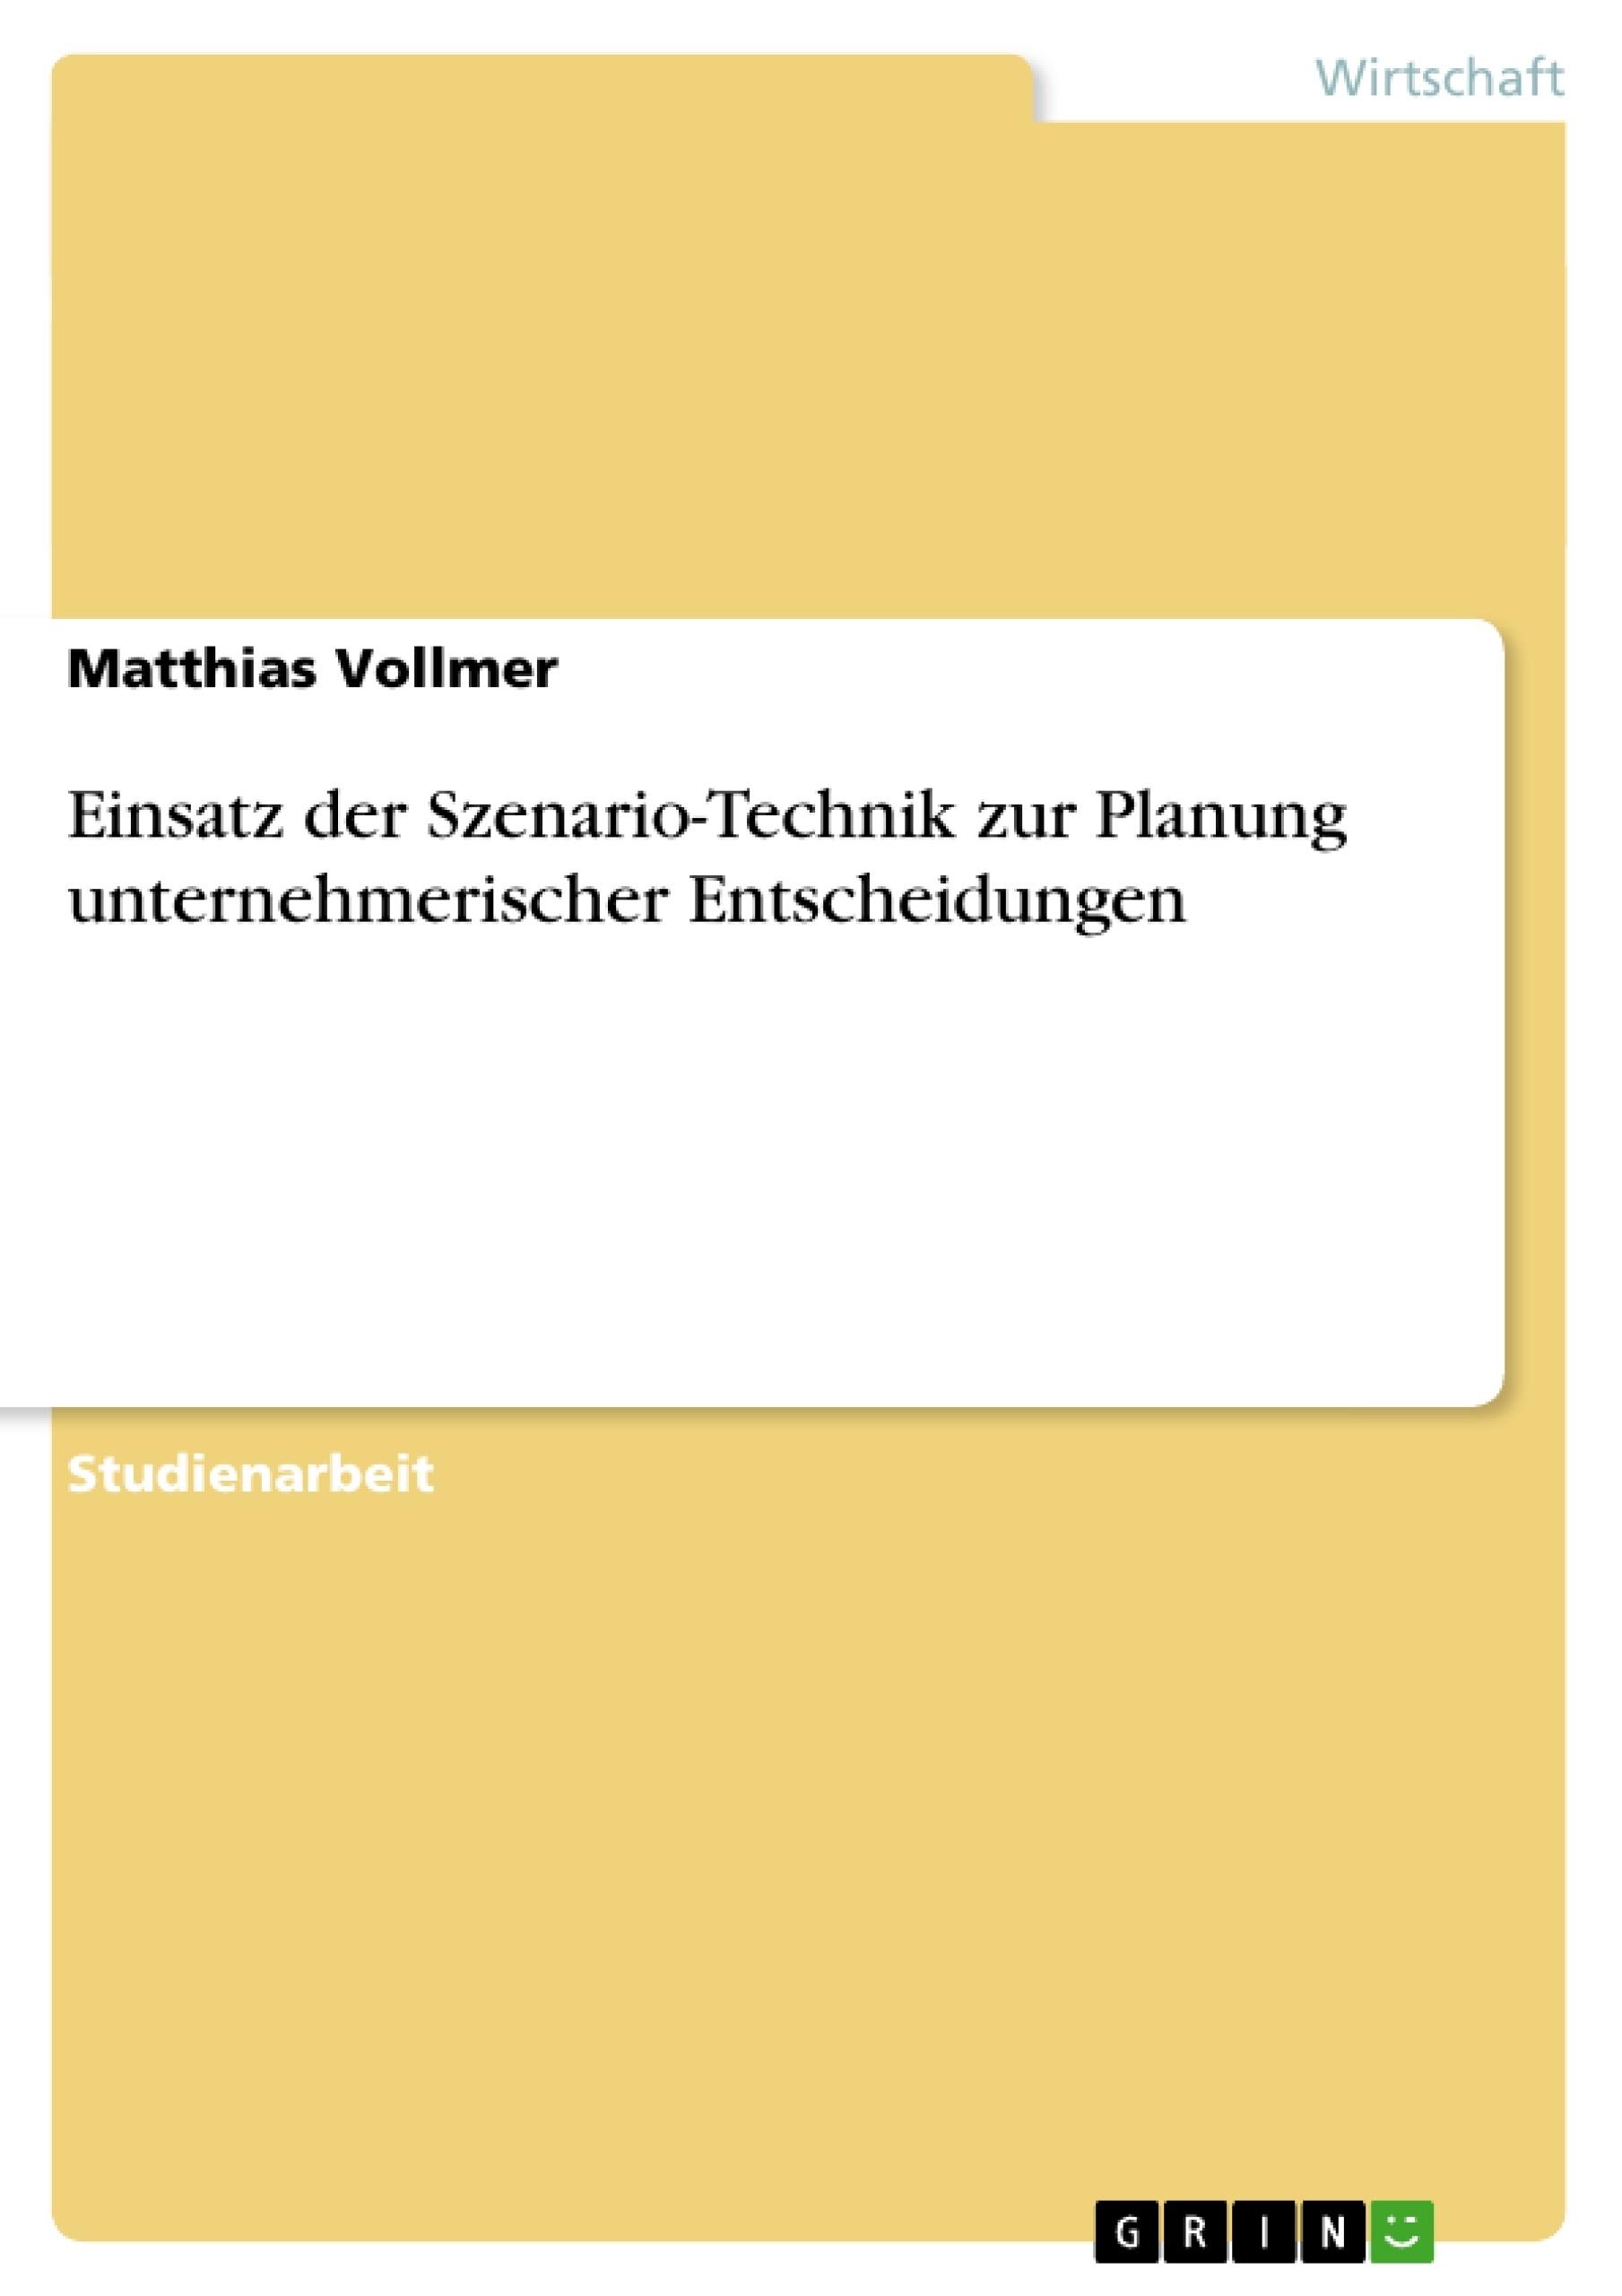 Titel: Einsatz der Szenario-Technik zur Planung unternehmerischer Entscheidungen